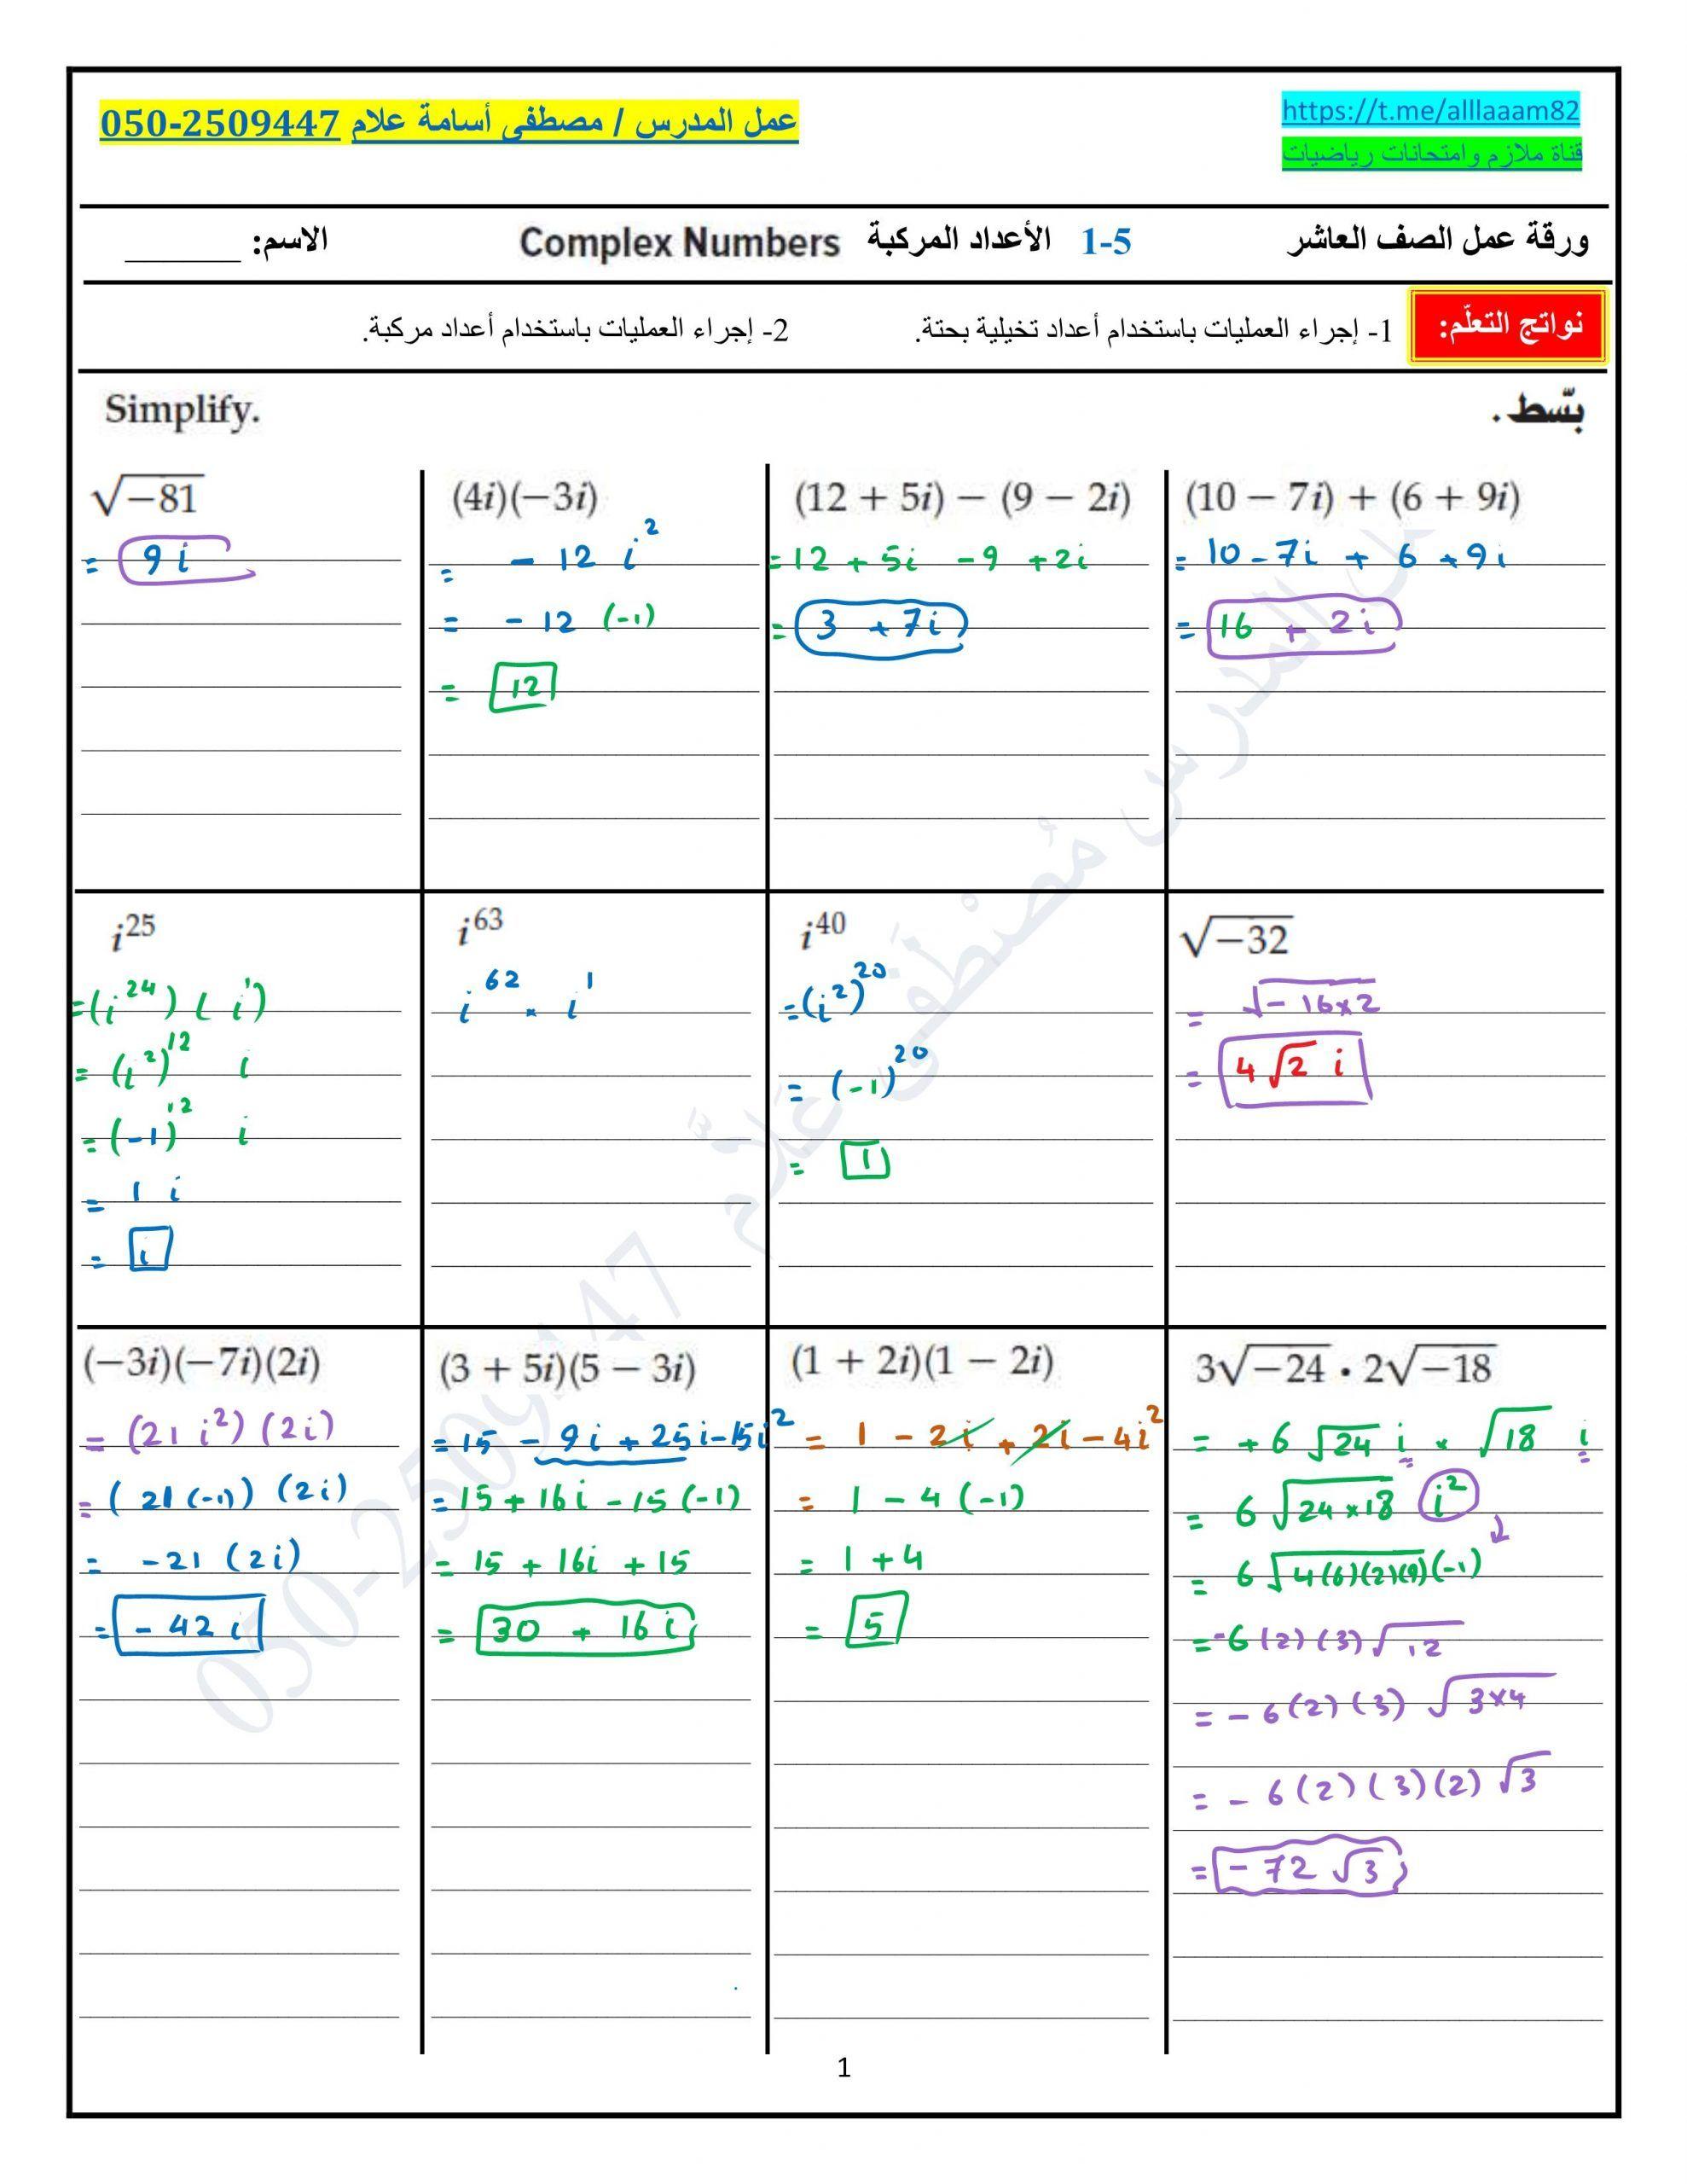 ورقة عمل الأعداد المركبة مع الاجابات للصف العاشر مادة الرياضيات المتكاملة Complex Numbers Simplify Sas